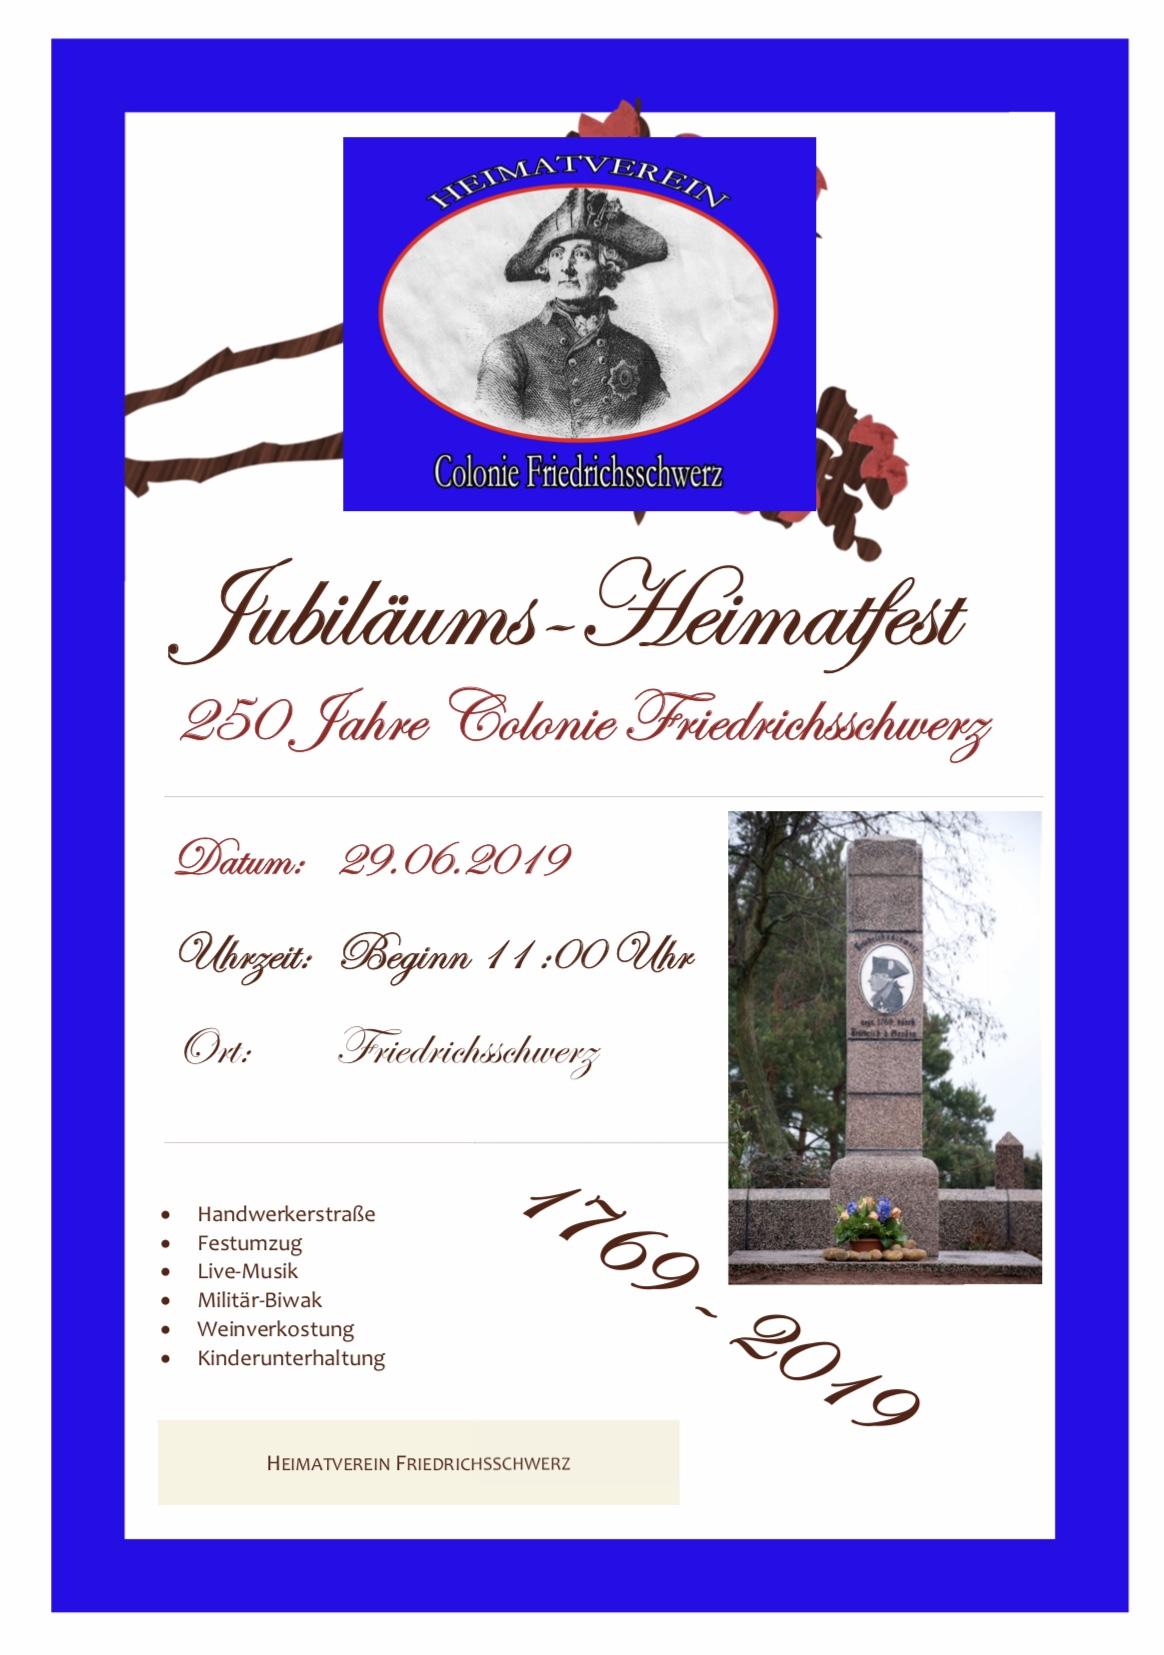 Jubiläum Friedrichsschwerz